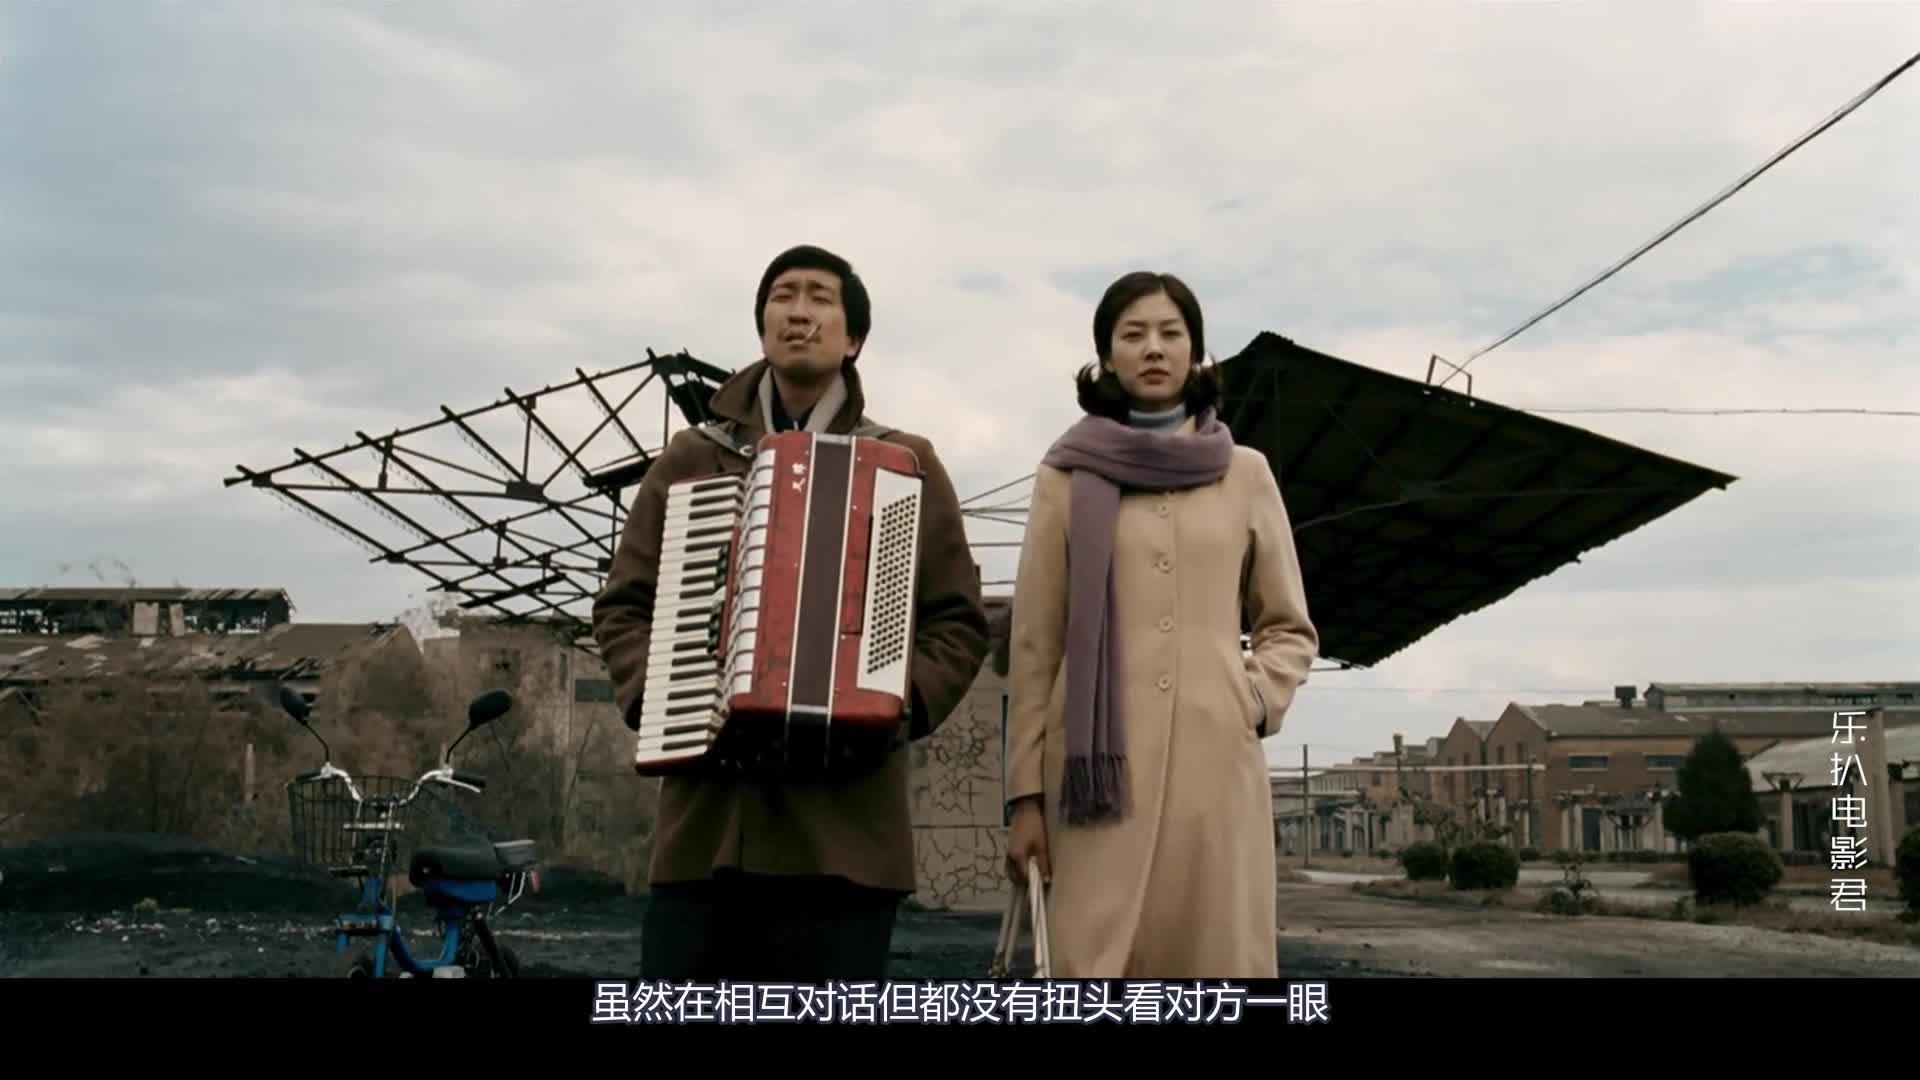 #经典看电影#王千源自曝演《钢的琴》是被导演骗去,资金困难一天只能拍一场戏